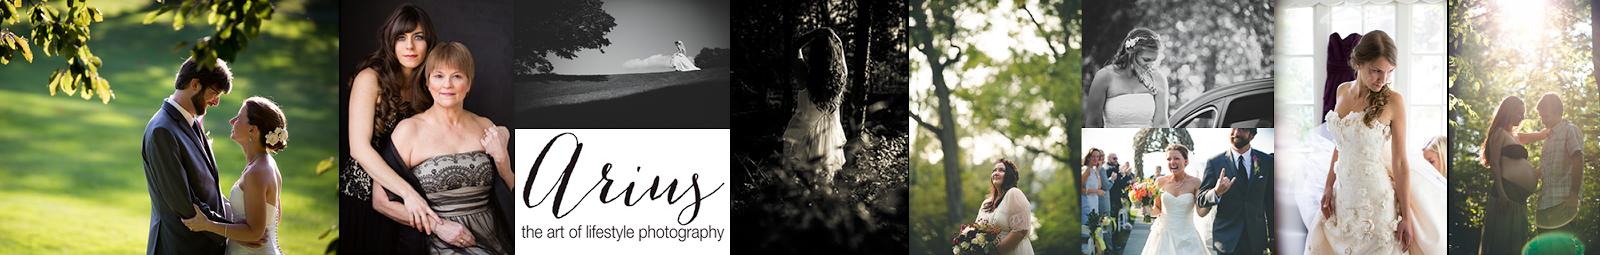 Arius Photography